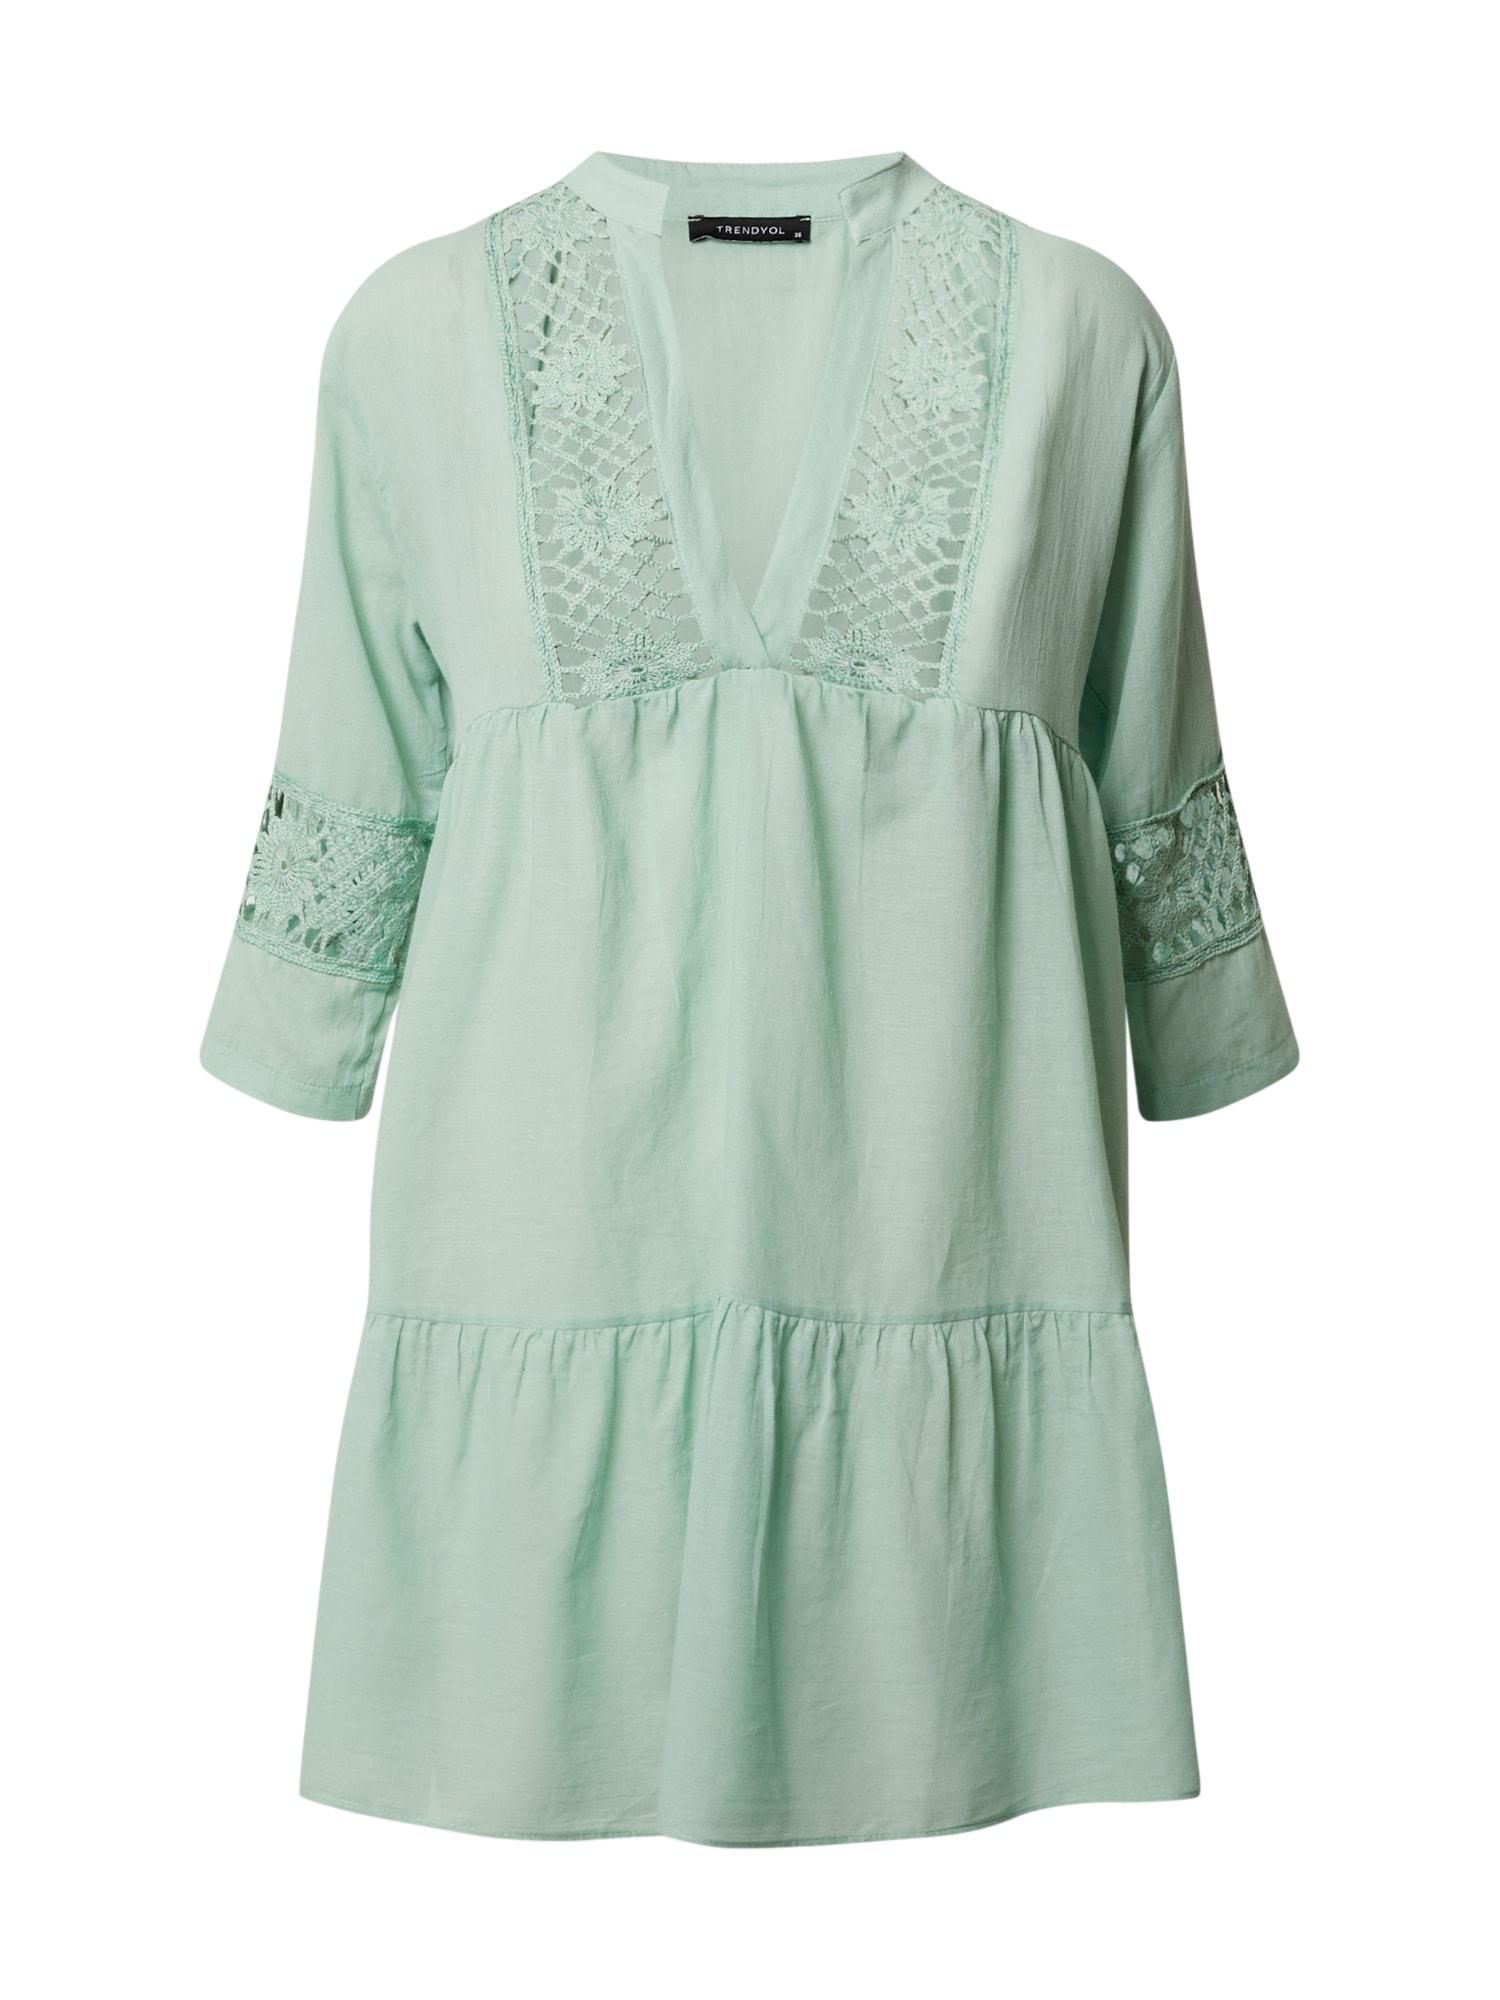 Trendyol Palaidinės tipo suknelė mėtų spalva